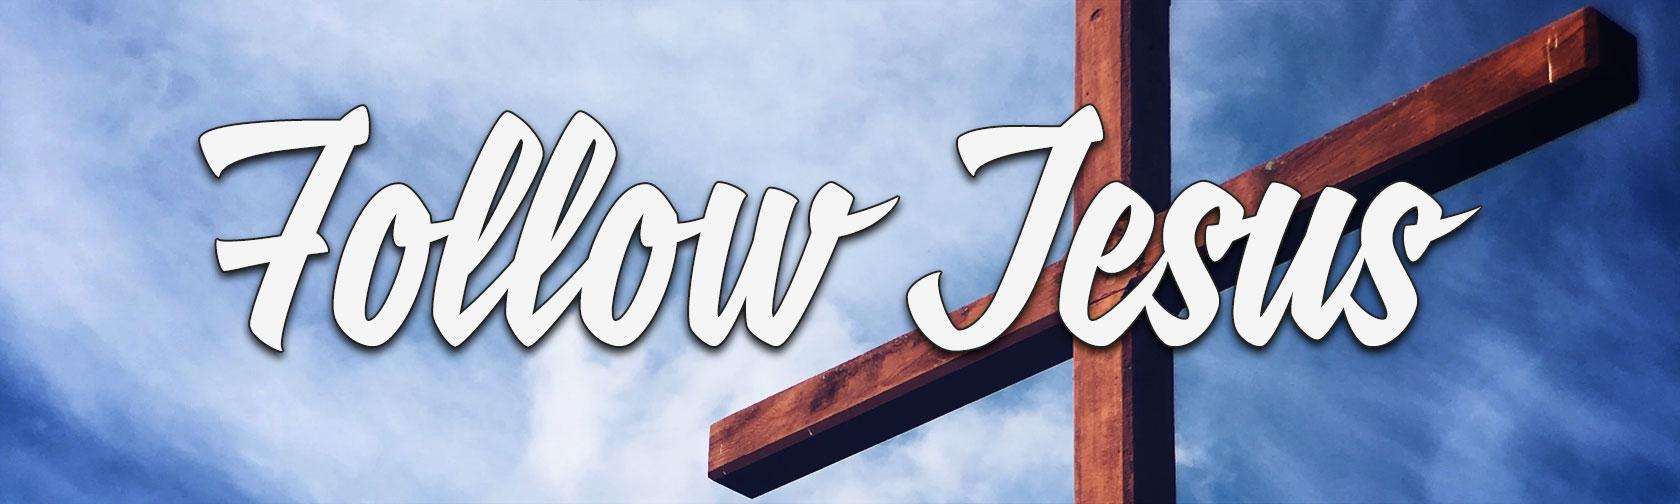 I Want to Follow Jesus